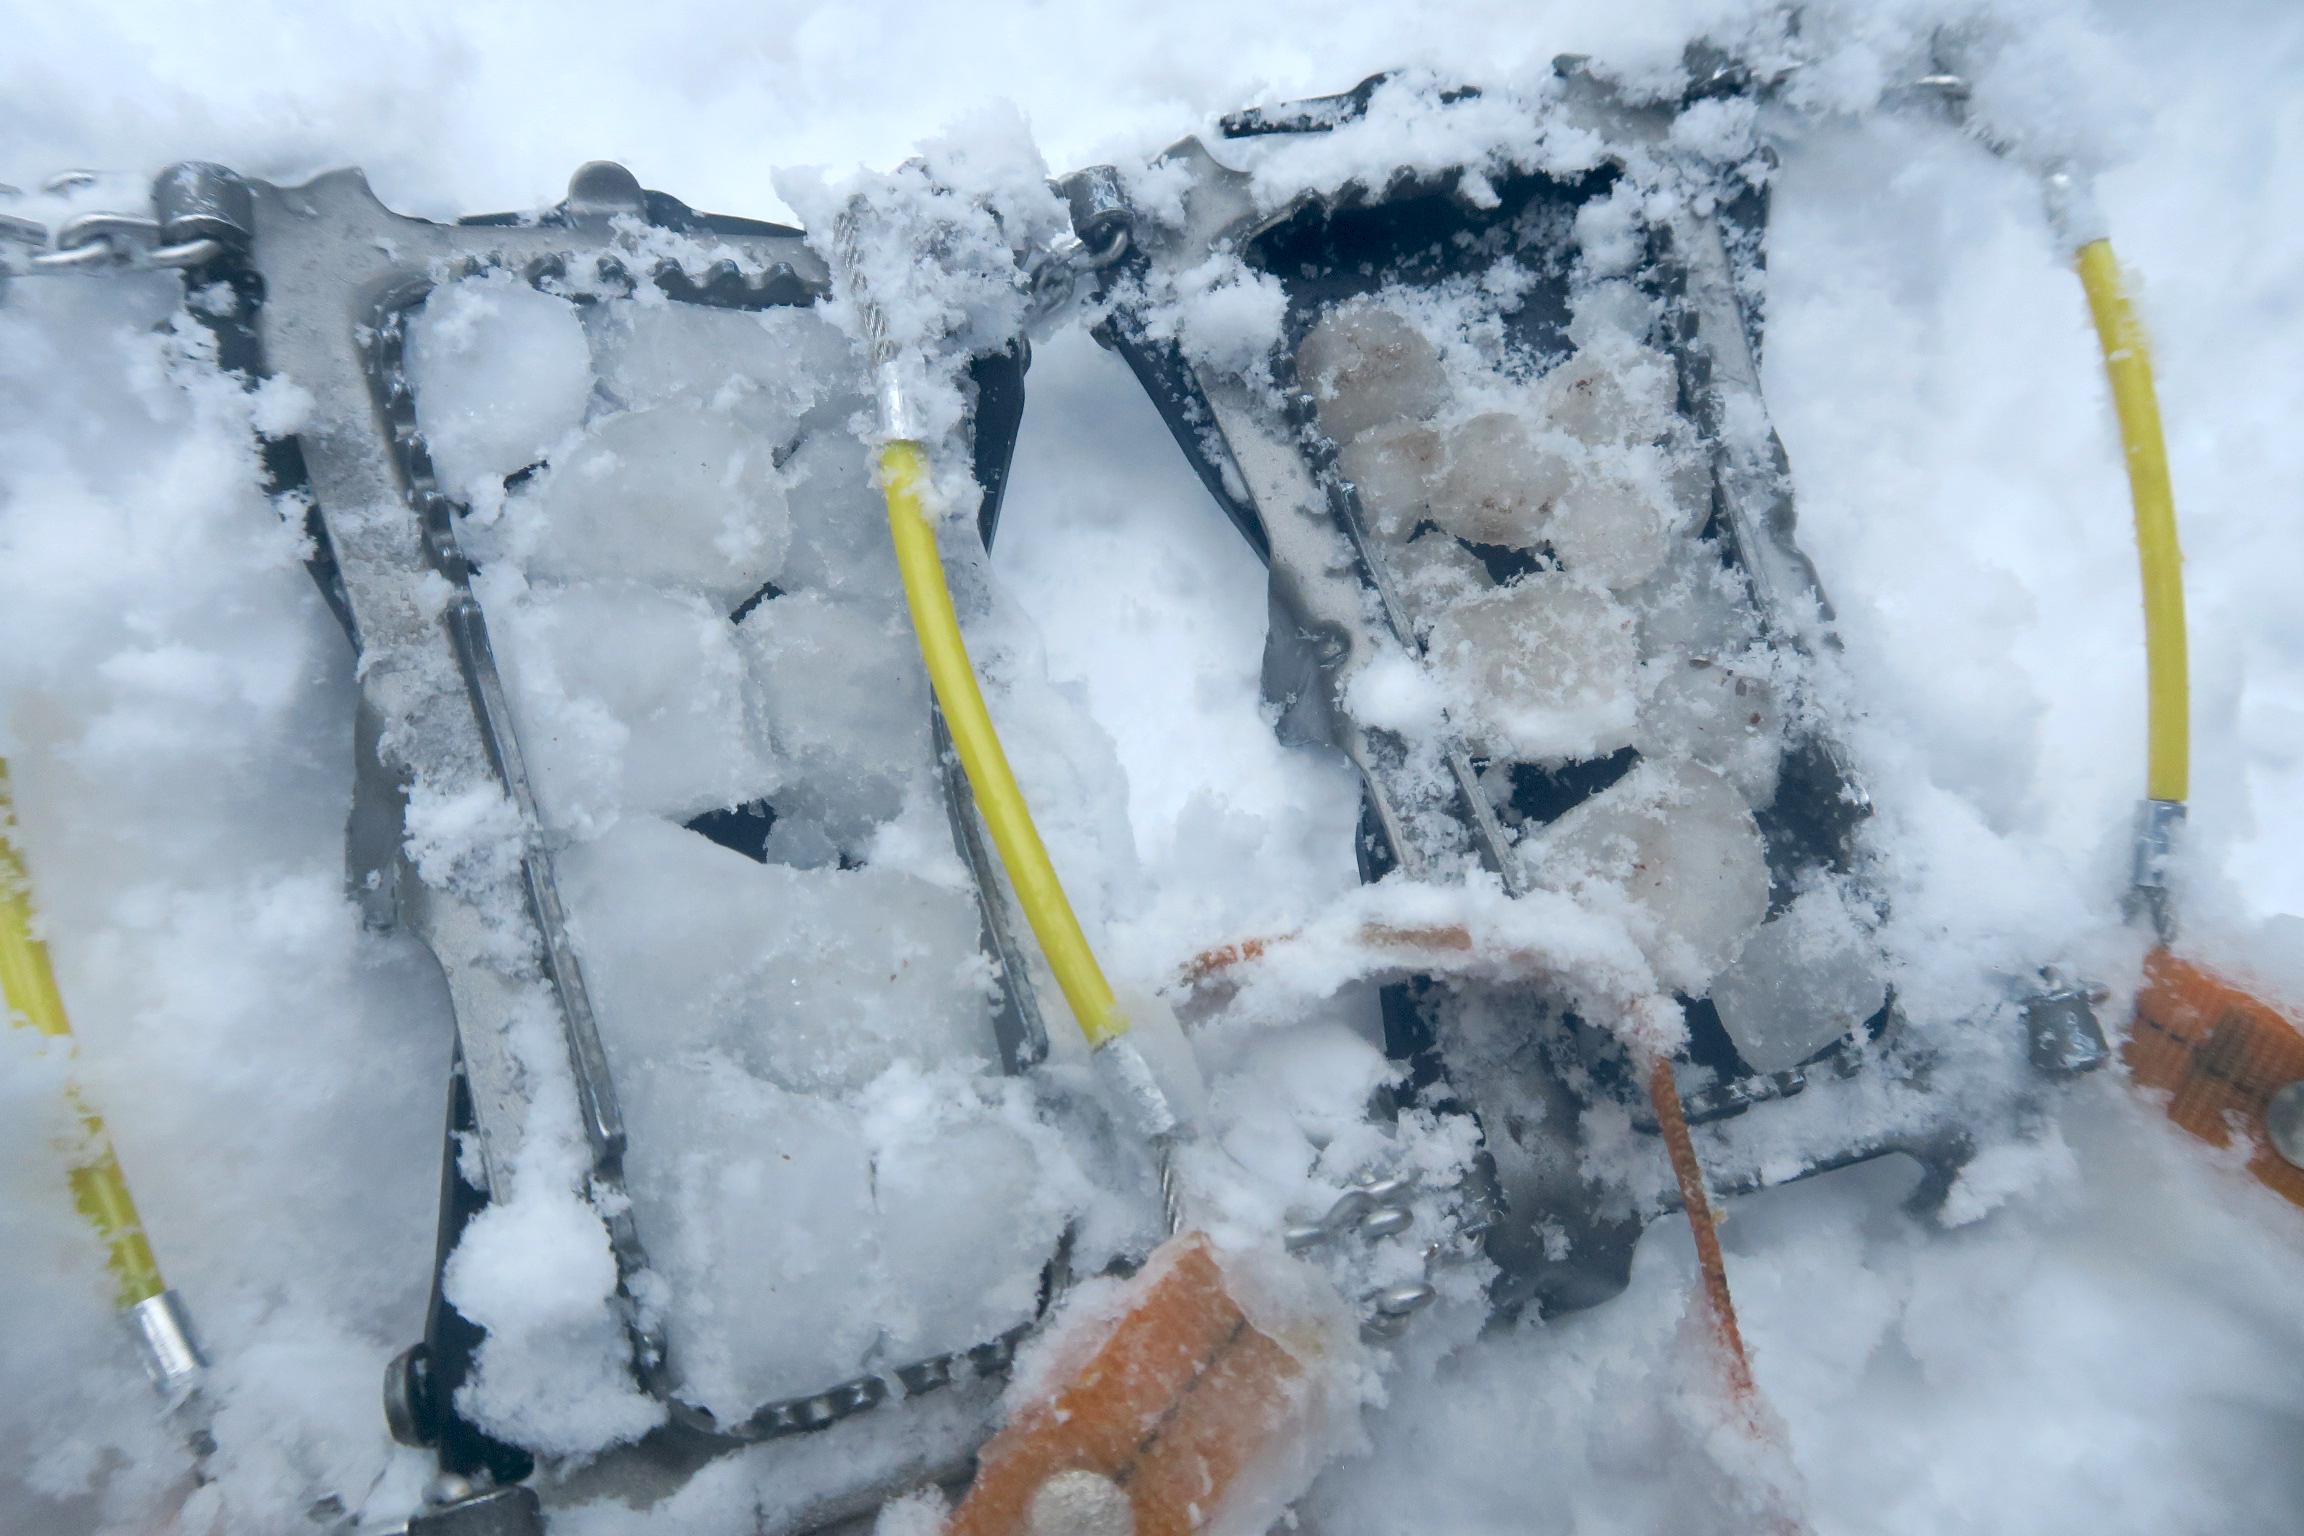 アイゼンを取ると、靴との間に氷の玉が。なぜか左側の氷がきれい。。。